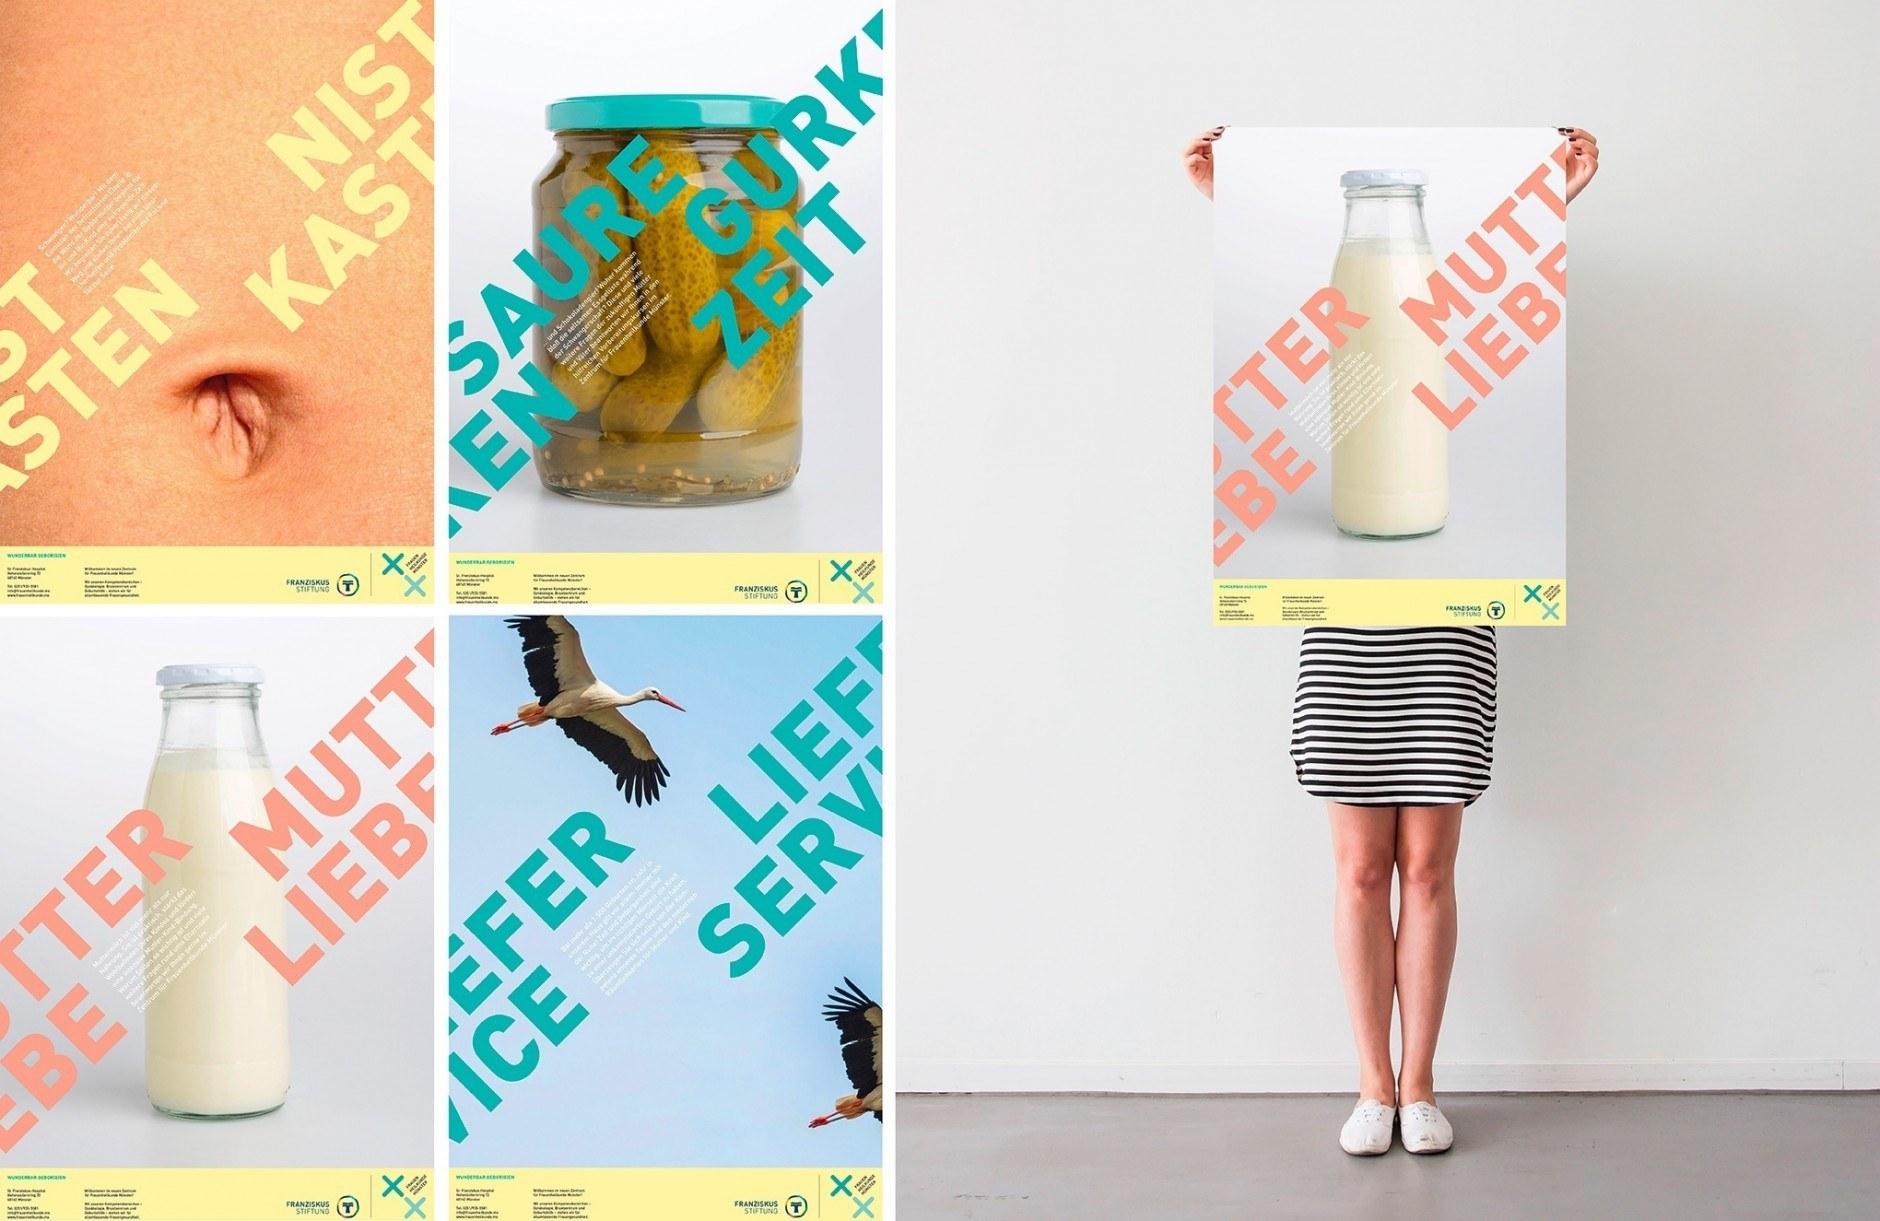 frauenheilkunde-collage03